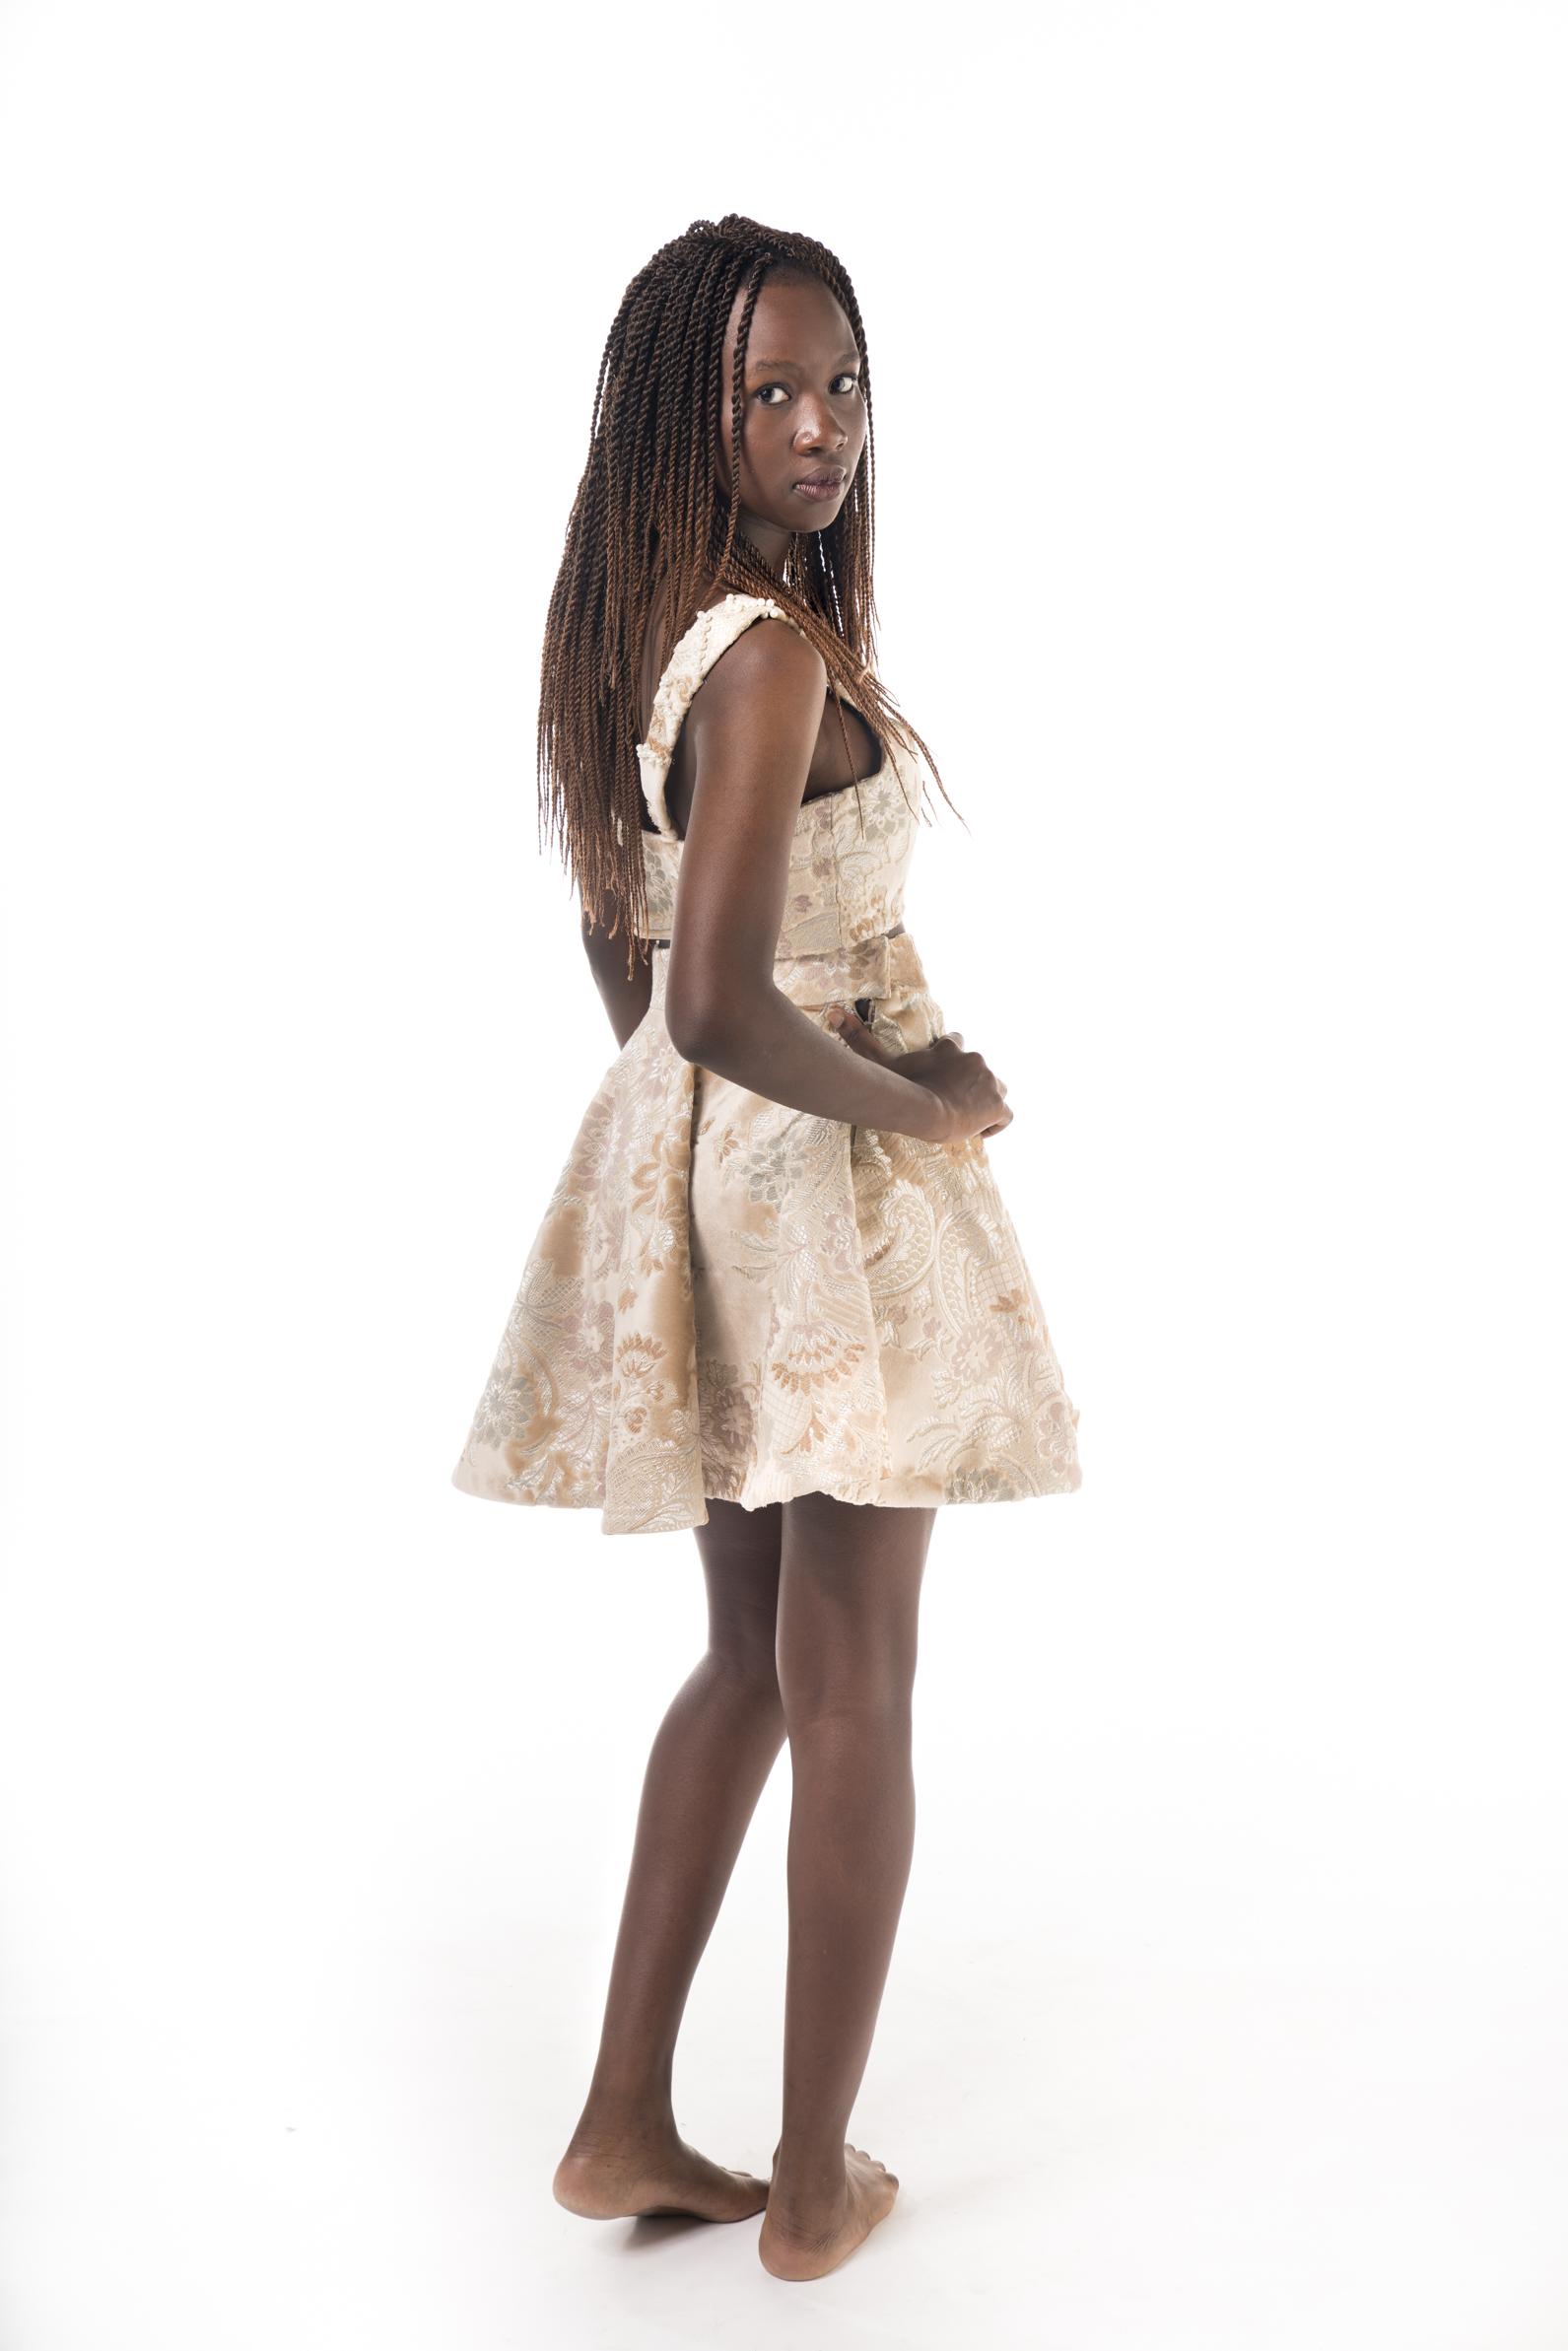 Dubay_Fashion_MinaSmithHodzik_WEB (77 of 89).jpg